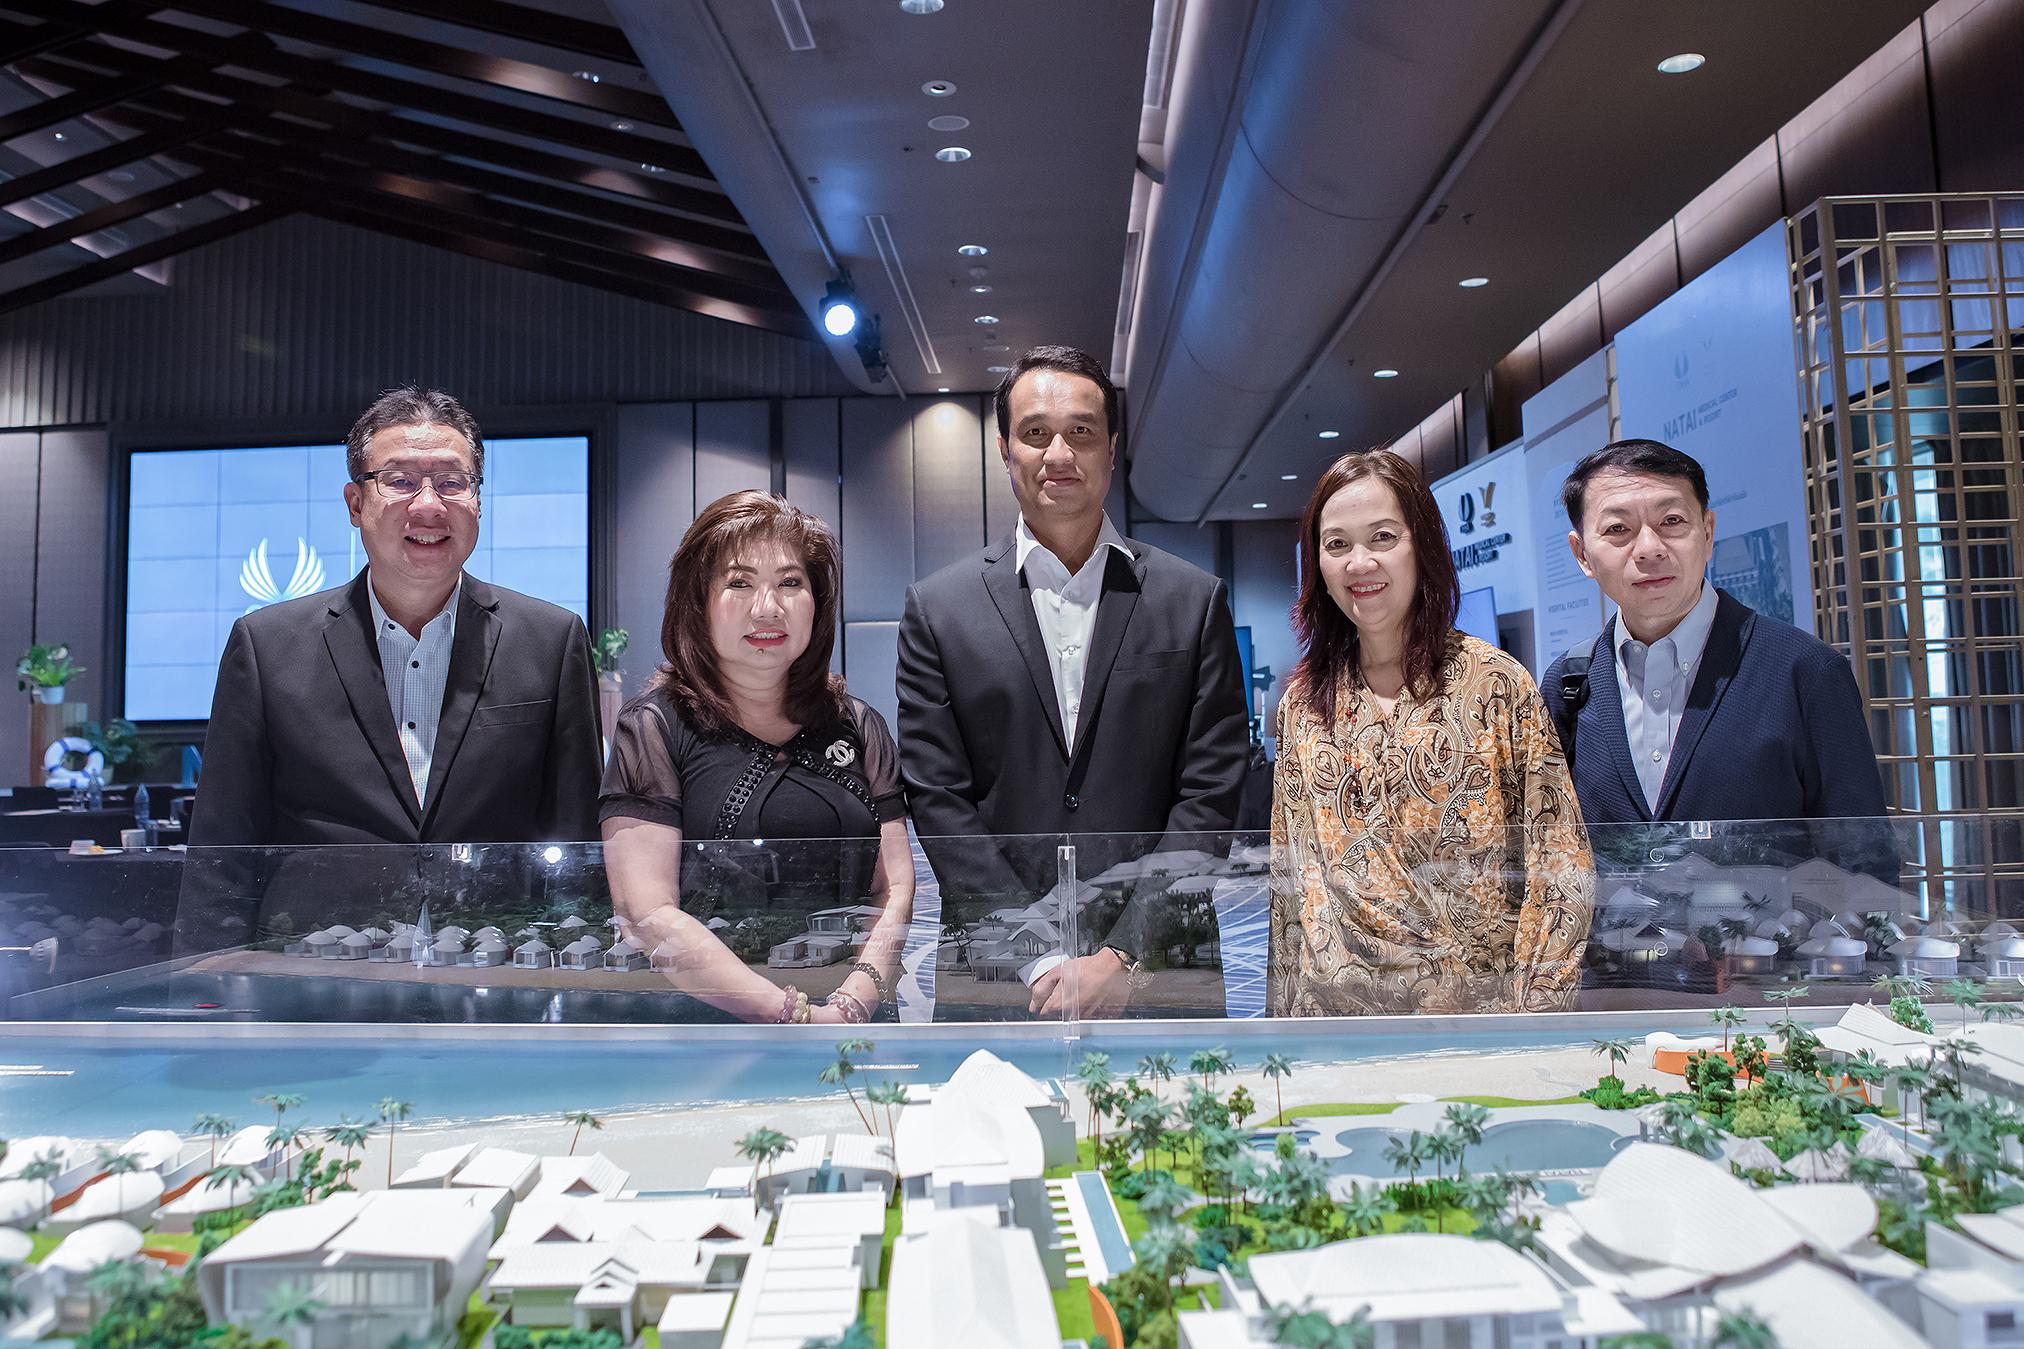 ซิซซา กรุ๊ป จัดงาน VIP DAY  Natai Medical Center  Resort นักลงทุนสนใจเกินคาด | Prop2Morrow บ้าน คอนโด ข่าวอสังหาฯ